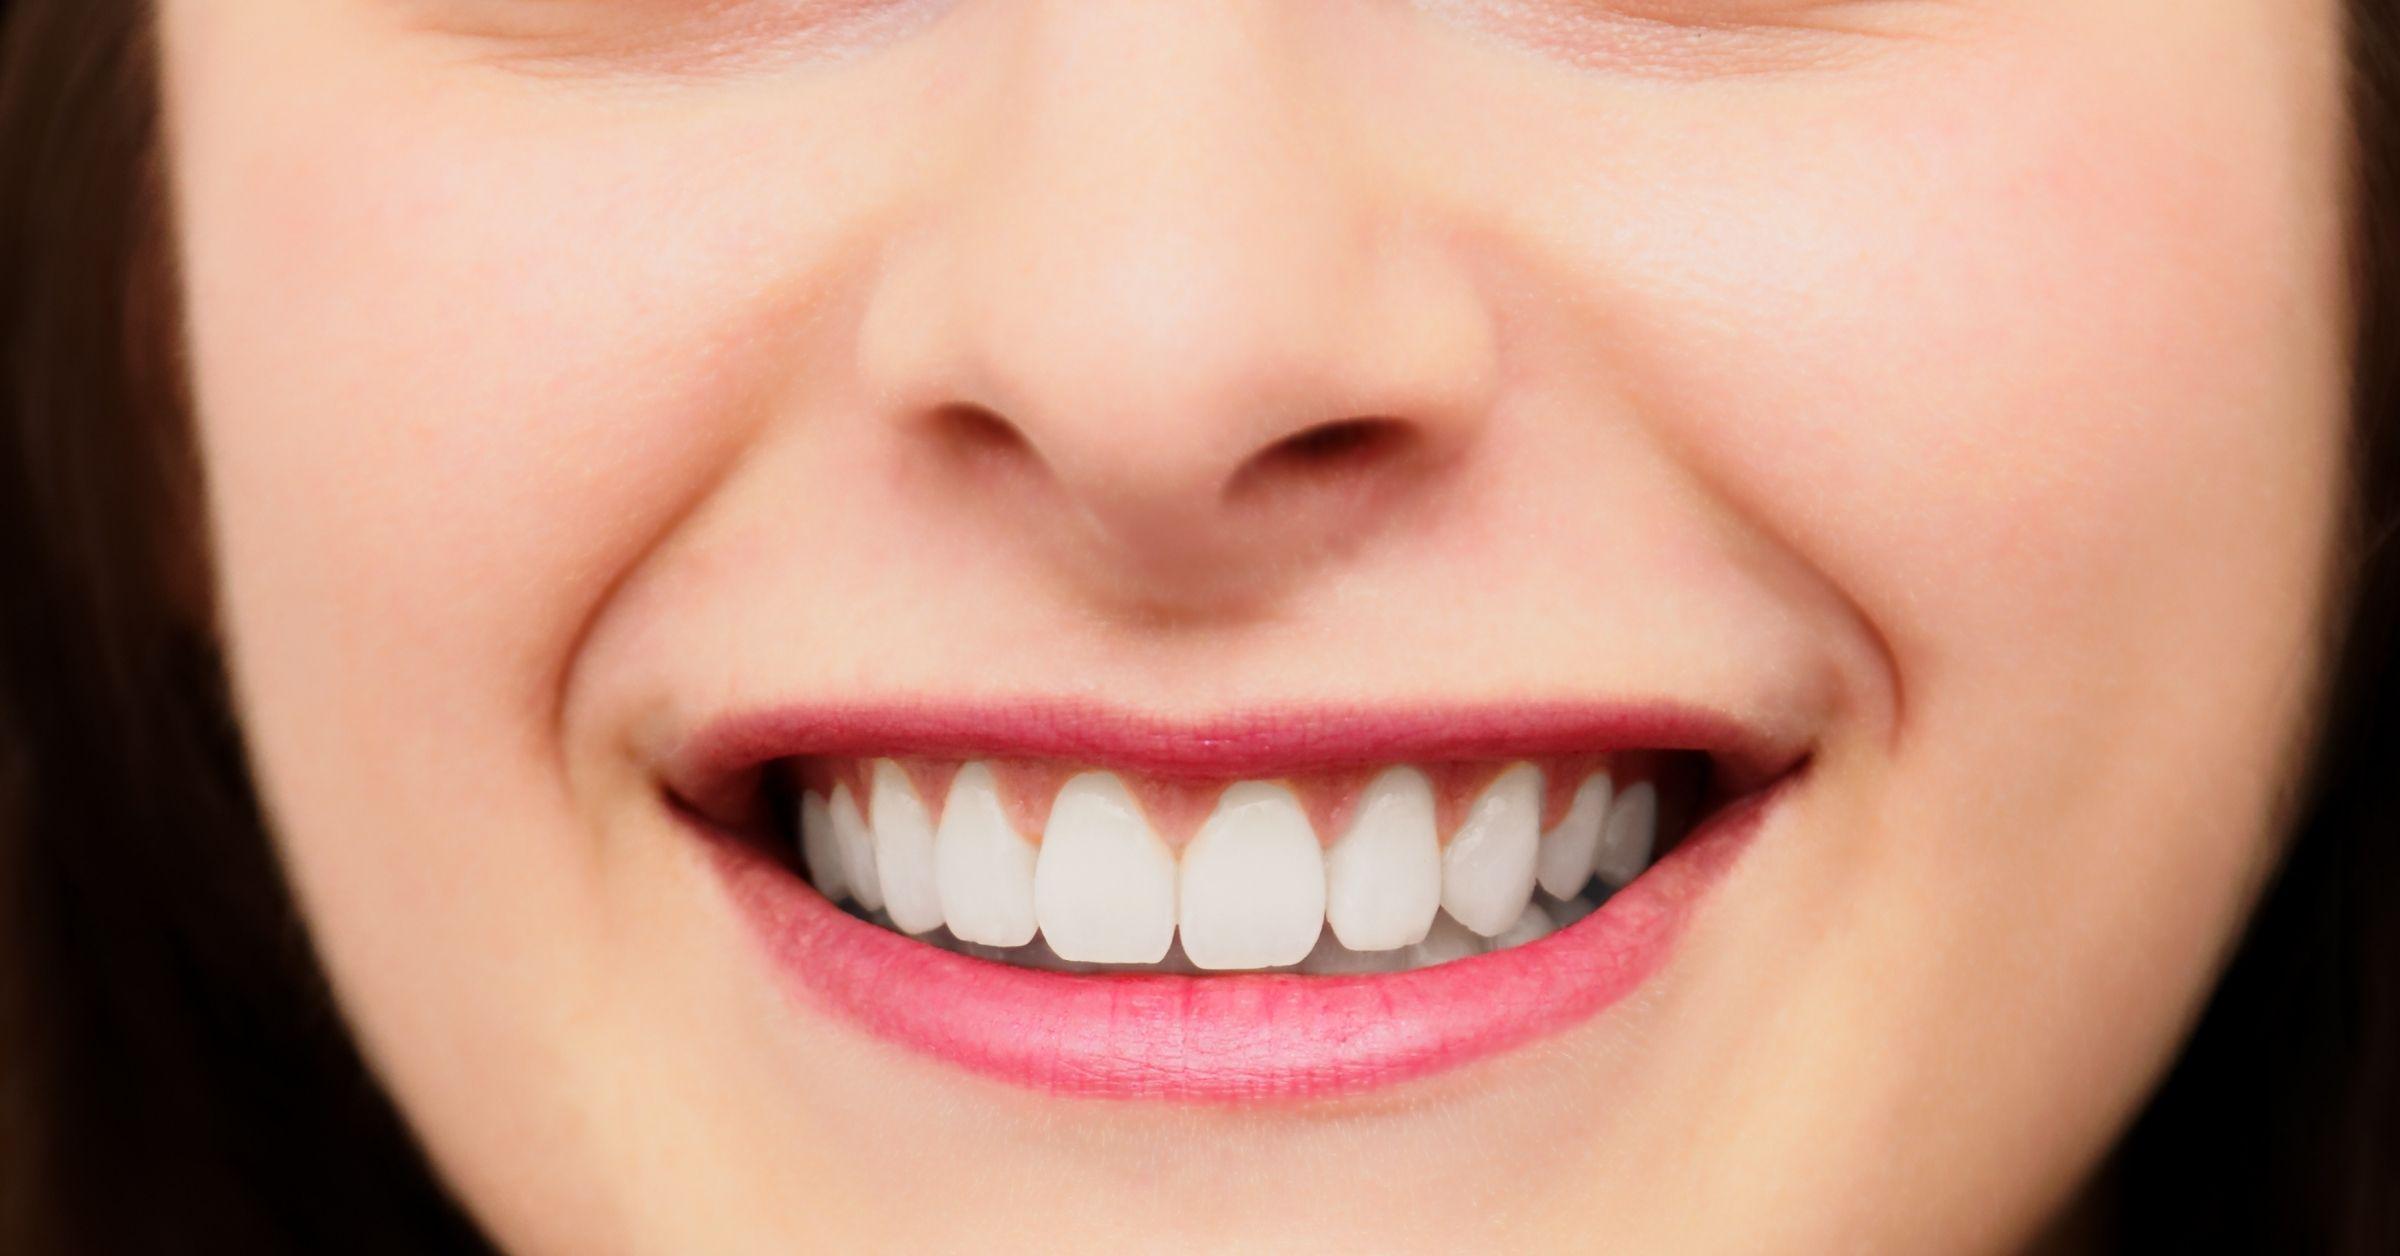 Faccette dentali: informazioni utili e vantaggi